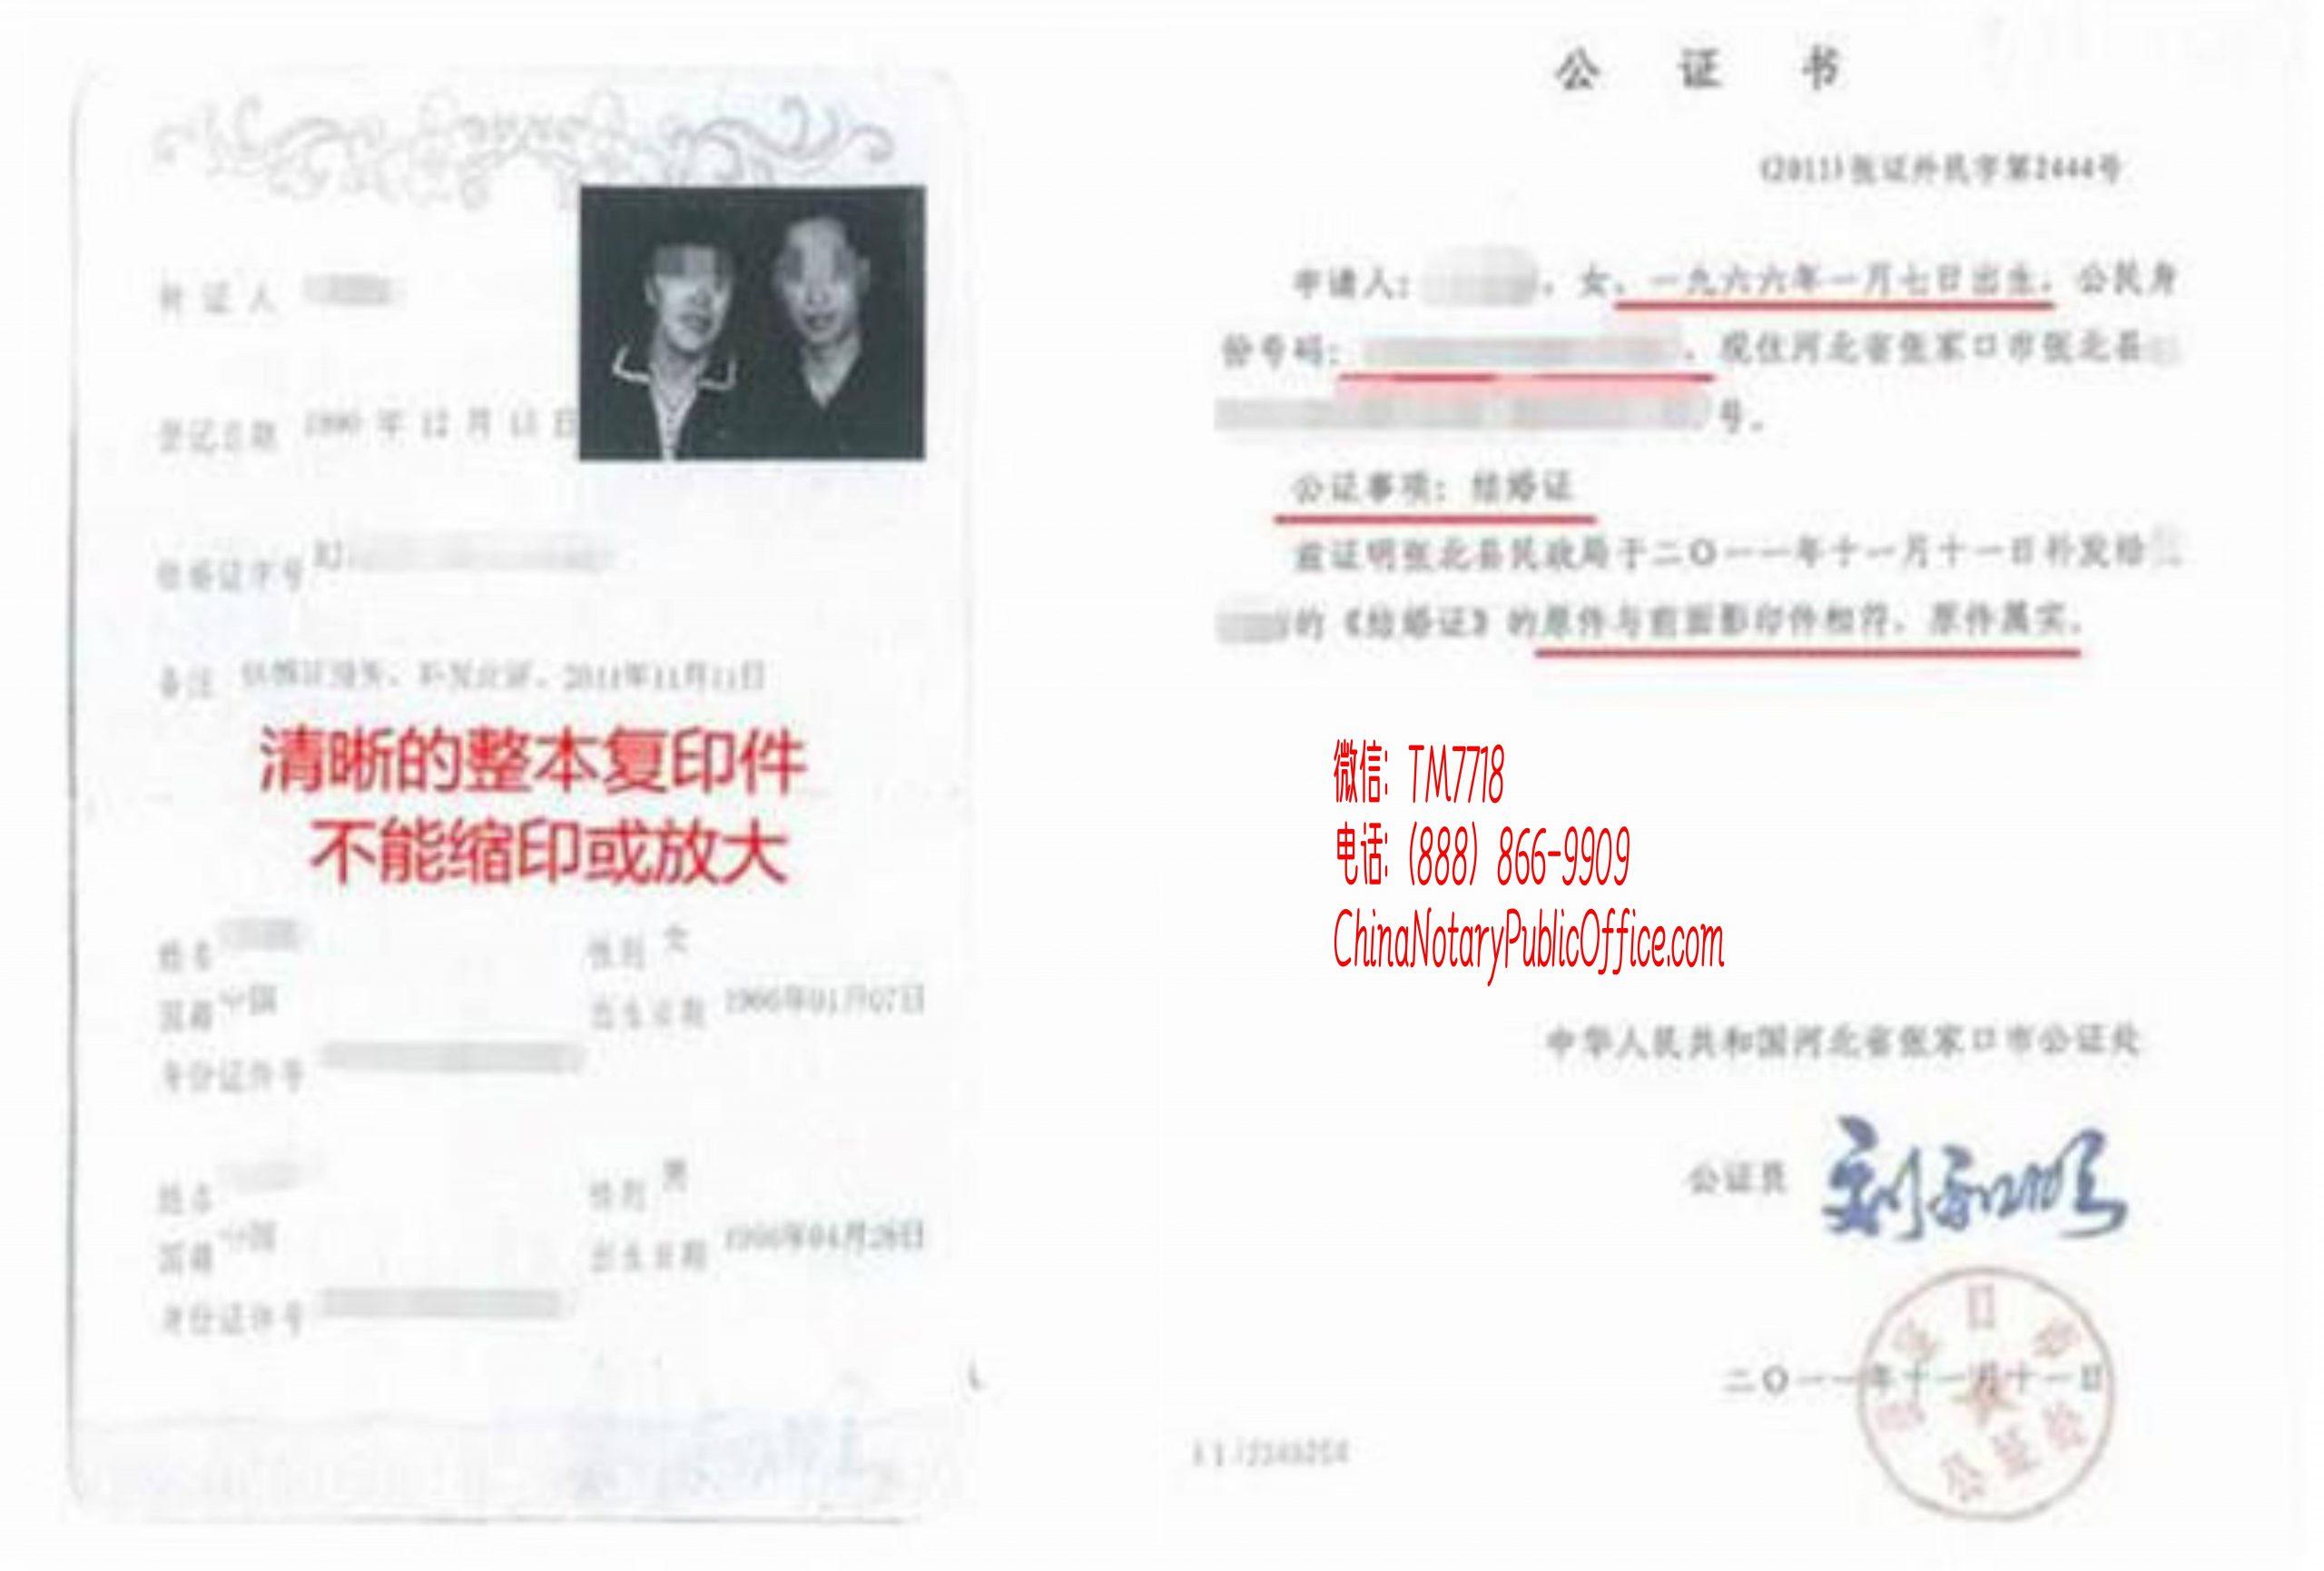 人在加拿大如何为PR申请国内结婚证公证,需要预约吗?,中国公证处海外服务中心